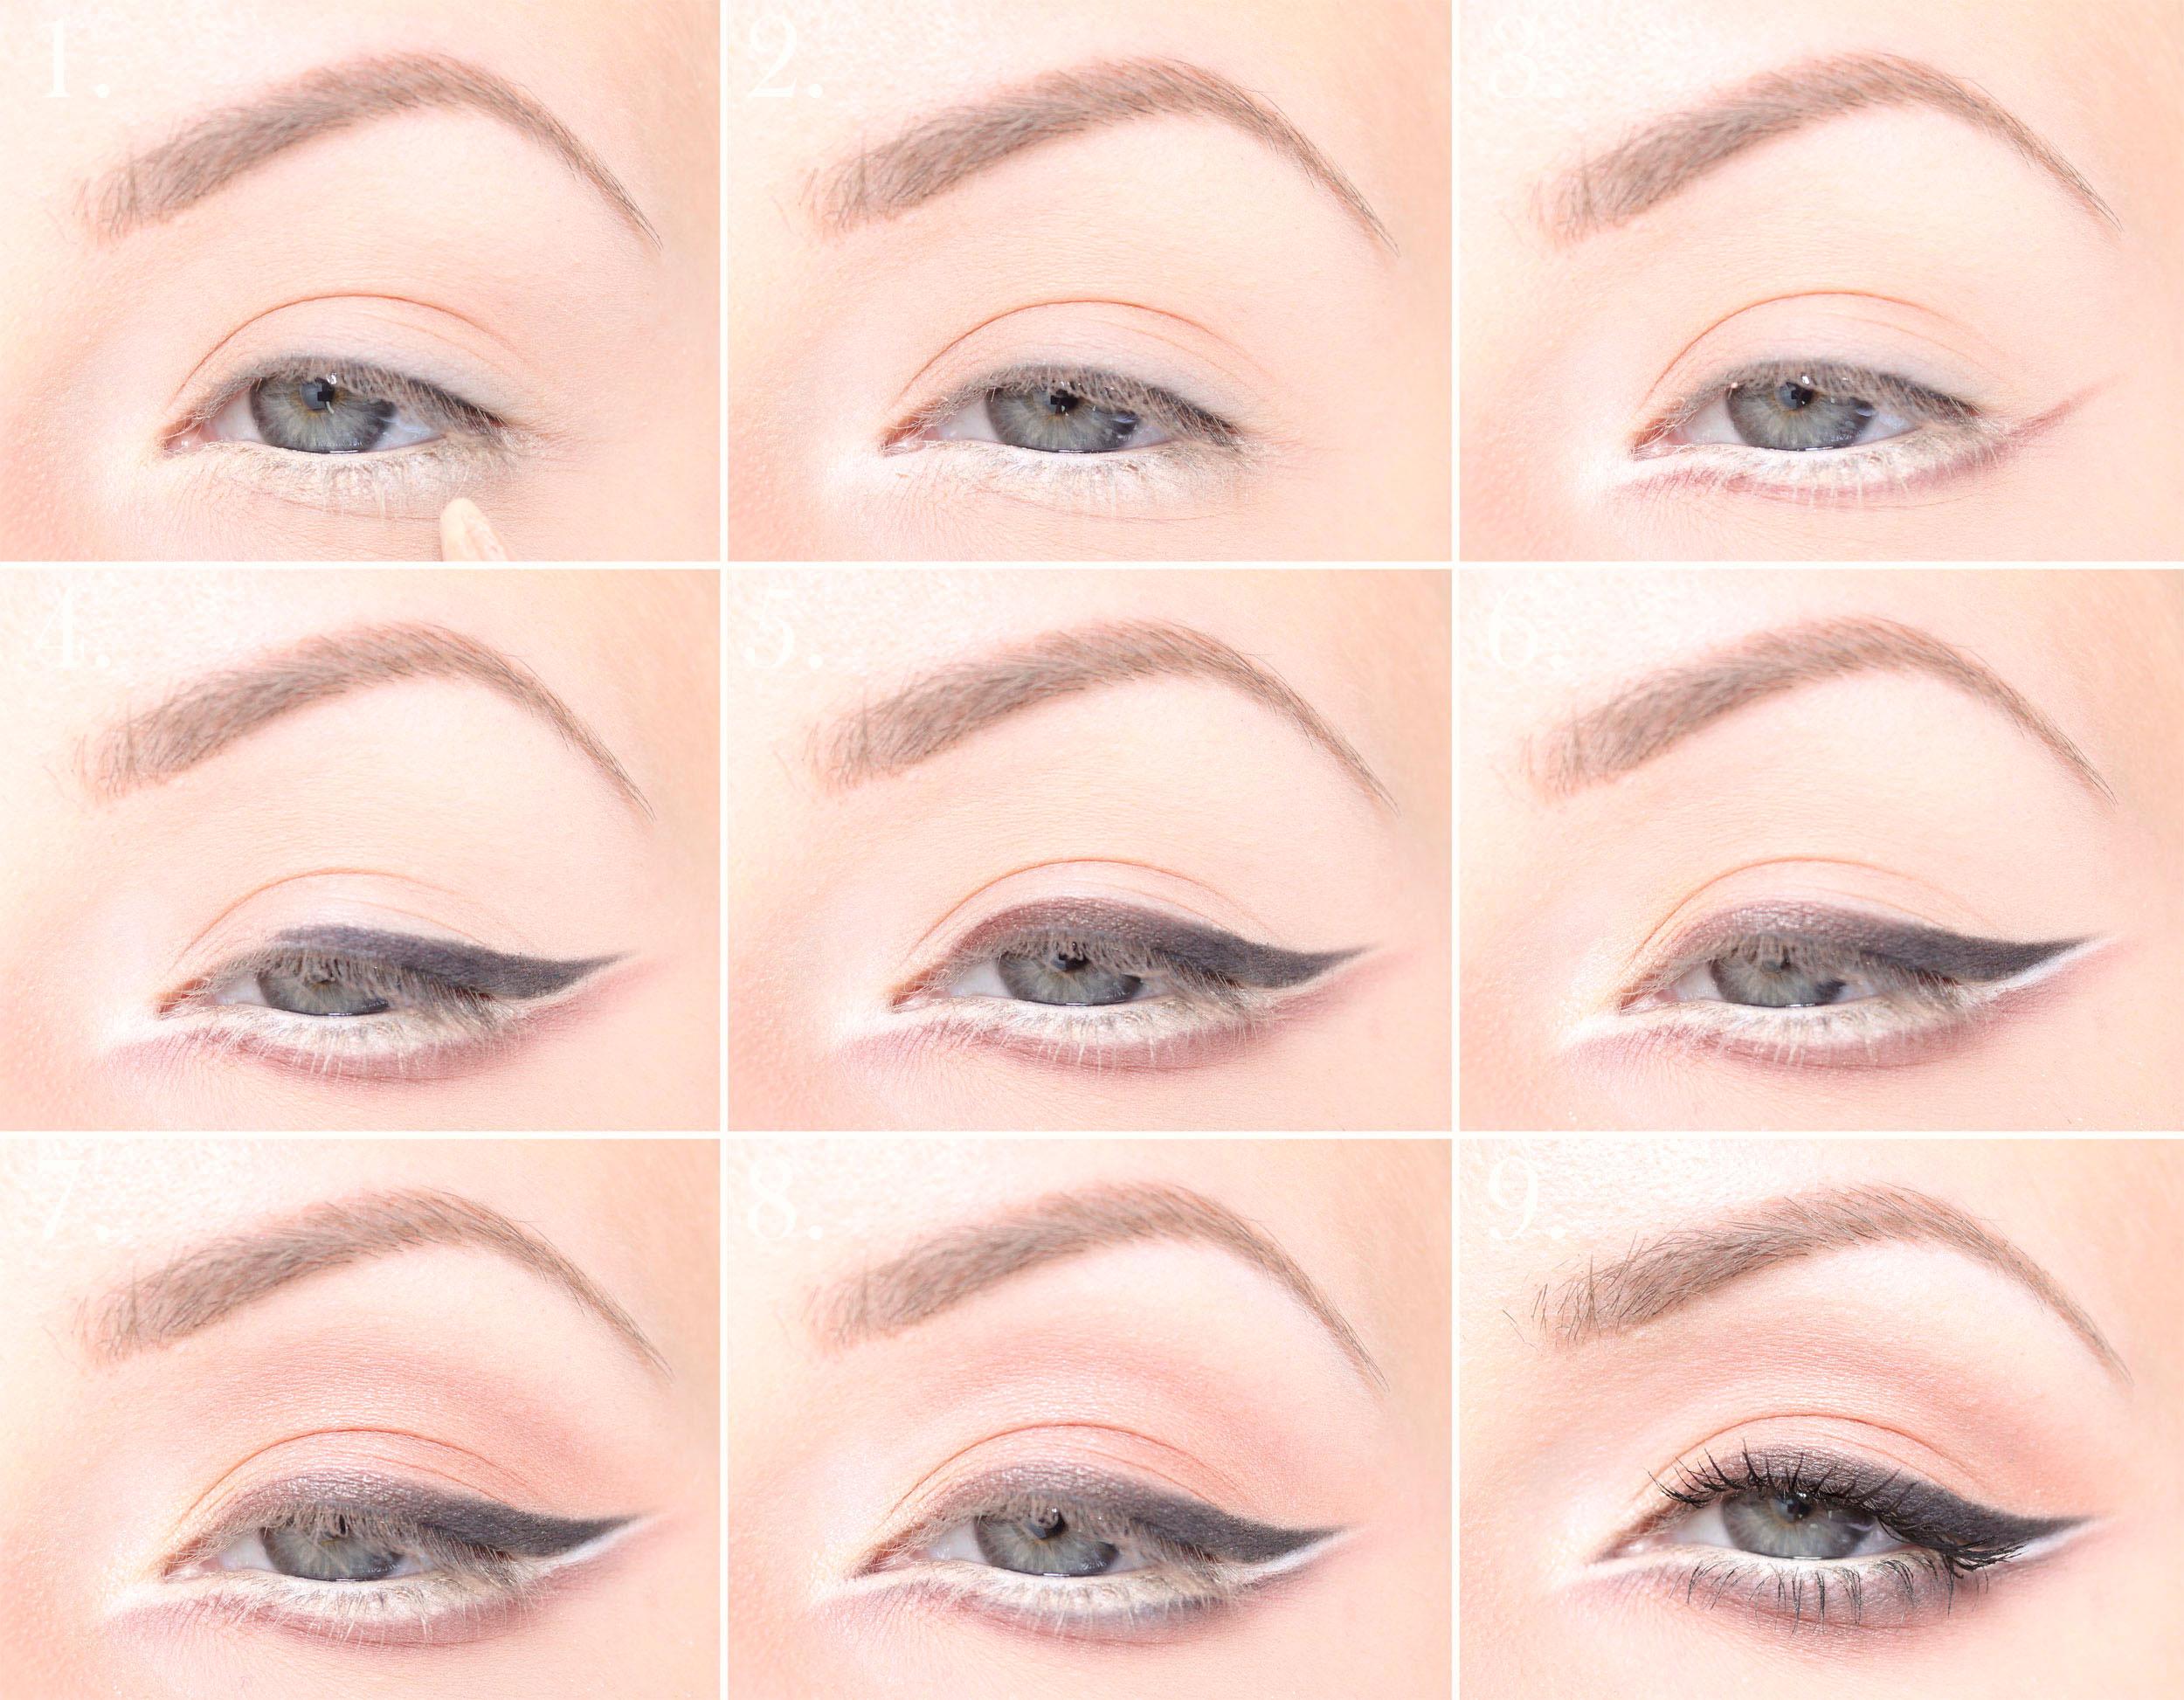 Big Eyes Makeup Tutorial Imakeyousmile